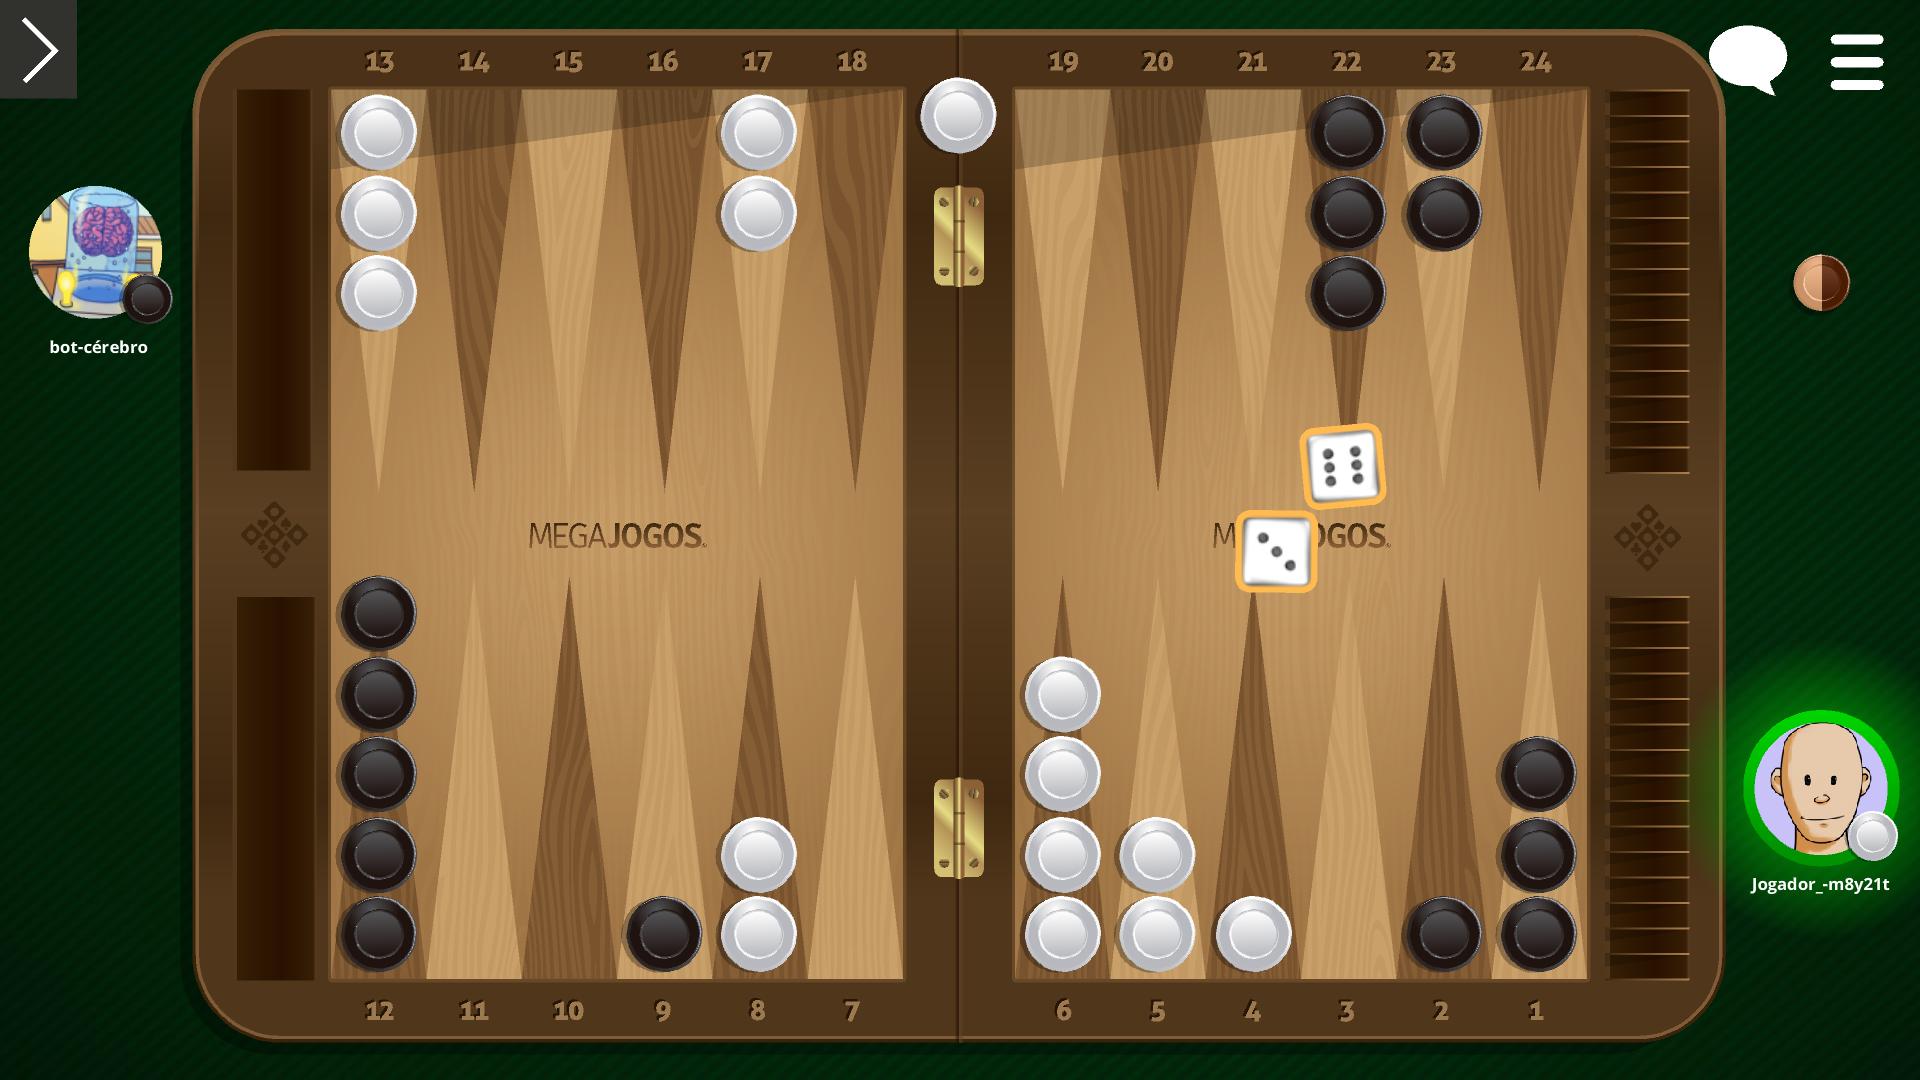 gamao-mega-jogos - Blog Oficial do MegaJogos